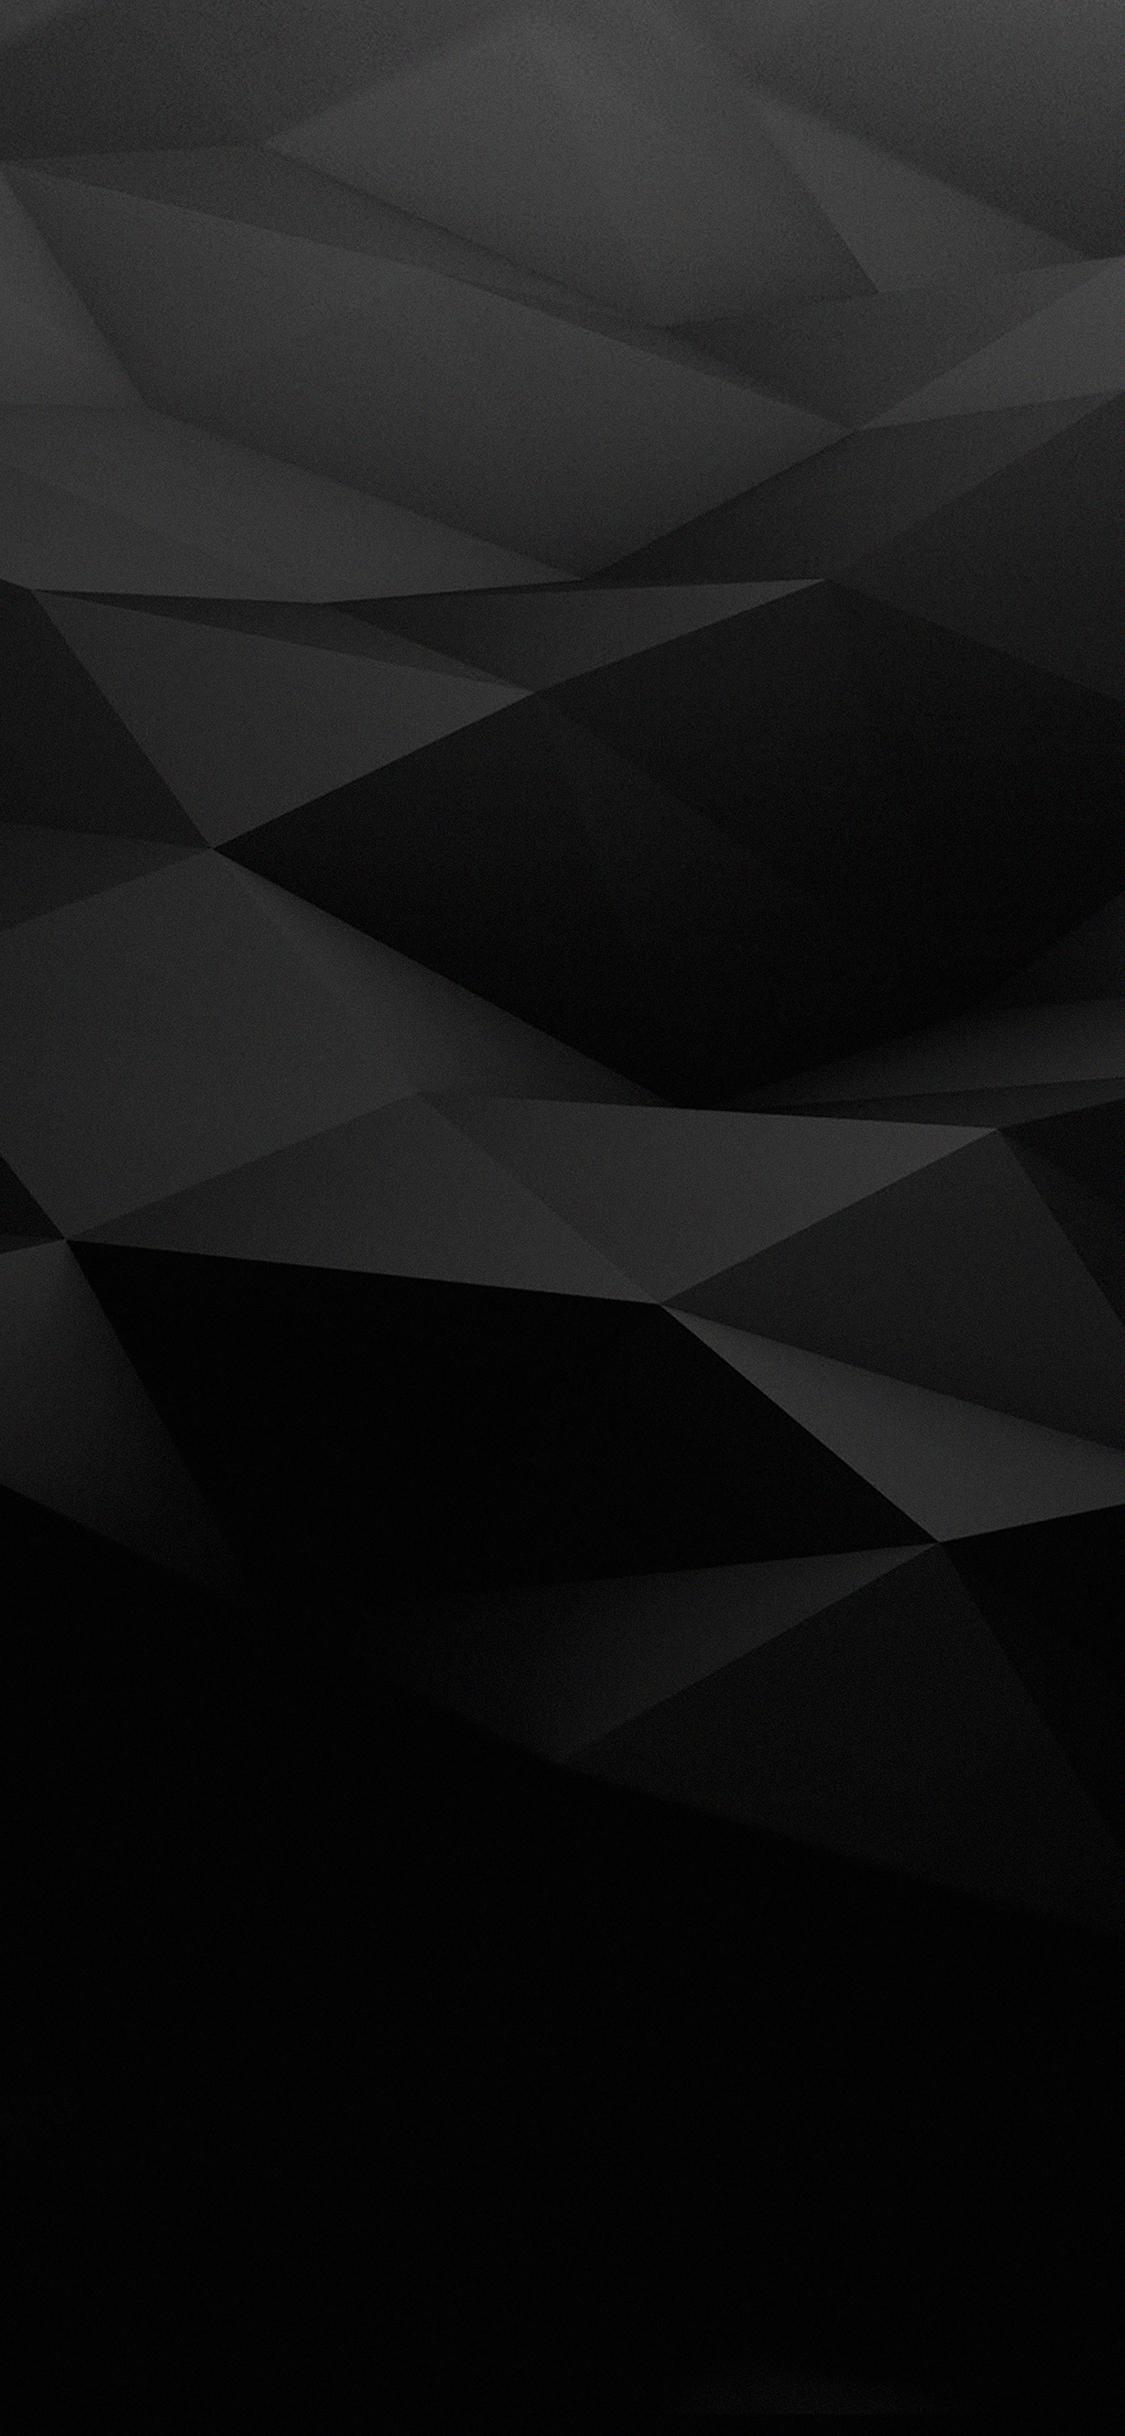 iPhoneXpapers.com-Apple-iPhone-wallpaper-vd76-noir-by-boris-p-borisov-dark-pattern-art